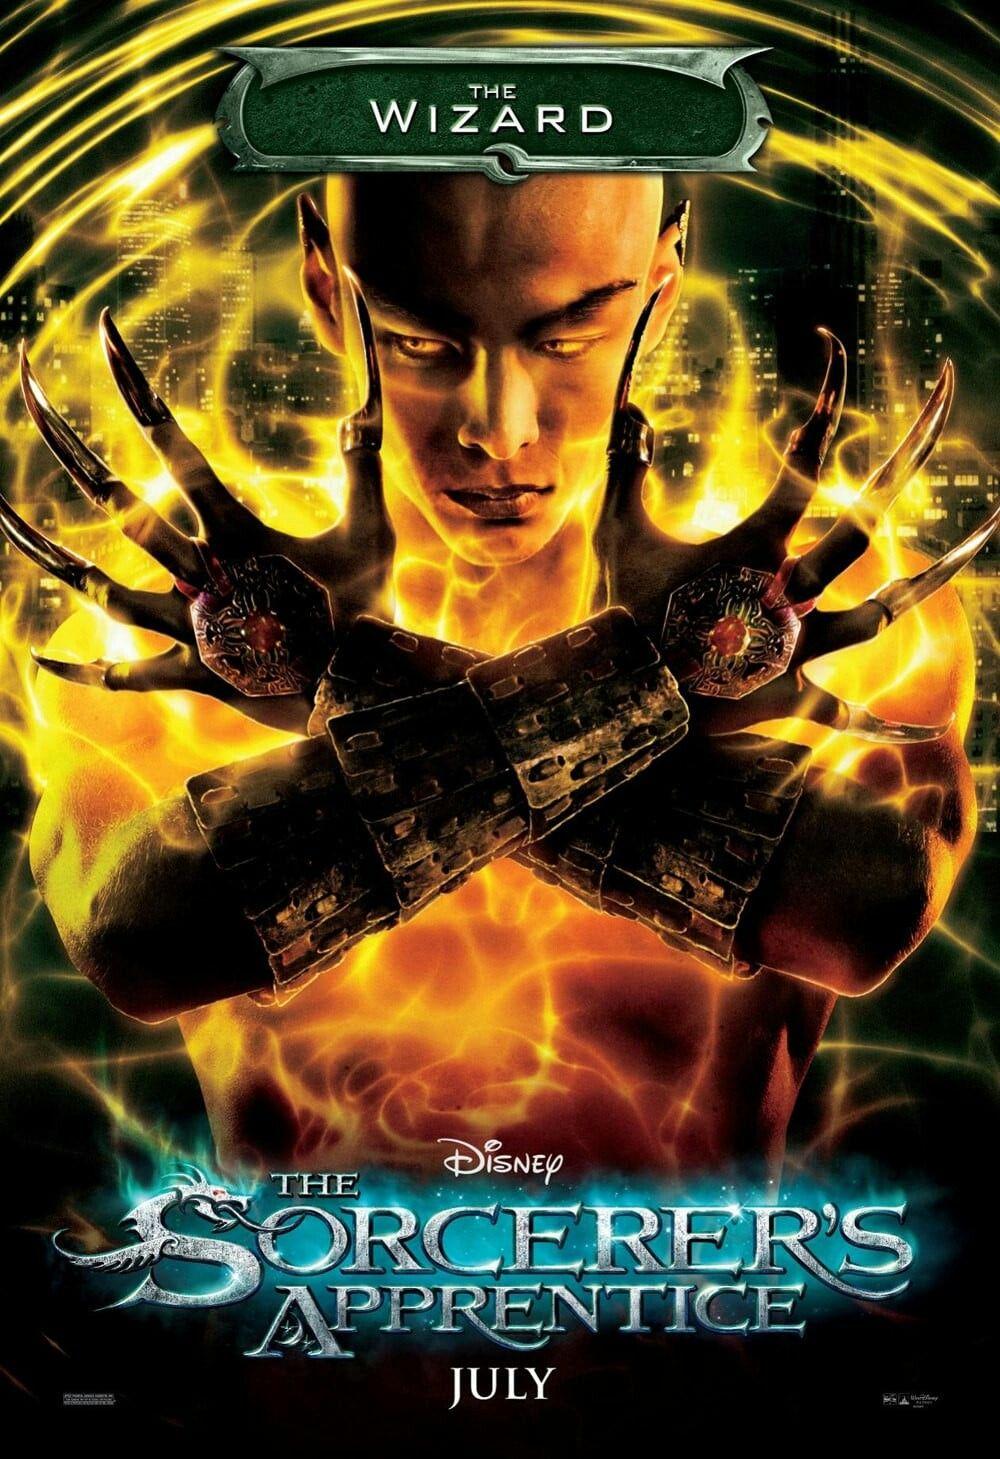 The Sorcerers Apprentice Movie Poster Fantastic Movie Posters Scifi Movie Posters Horror Movie Posters Action Mov El Aprendiz De Brujo Carteles De Cine Cine